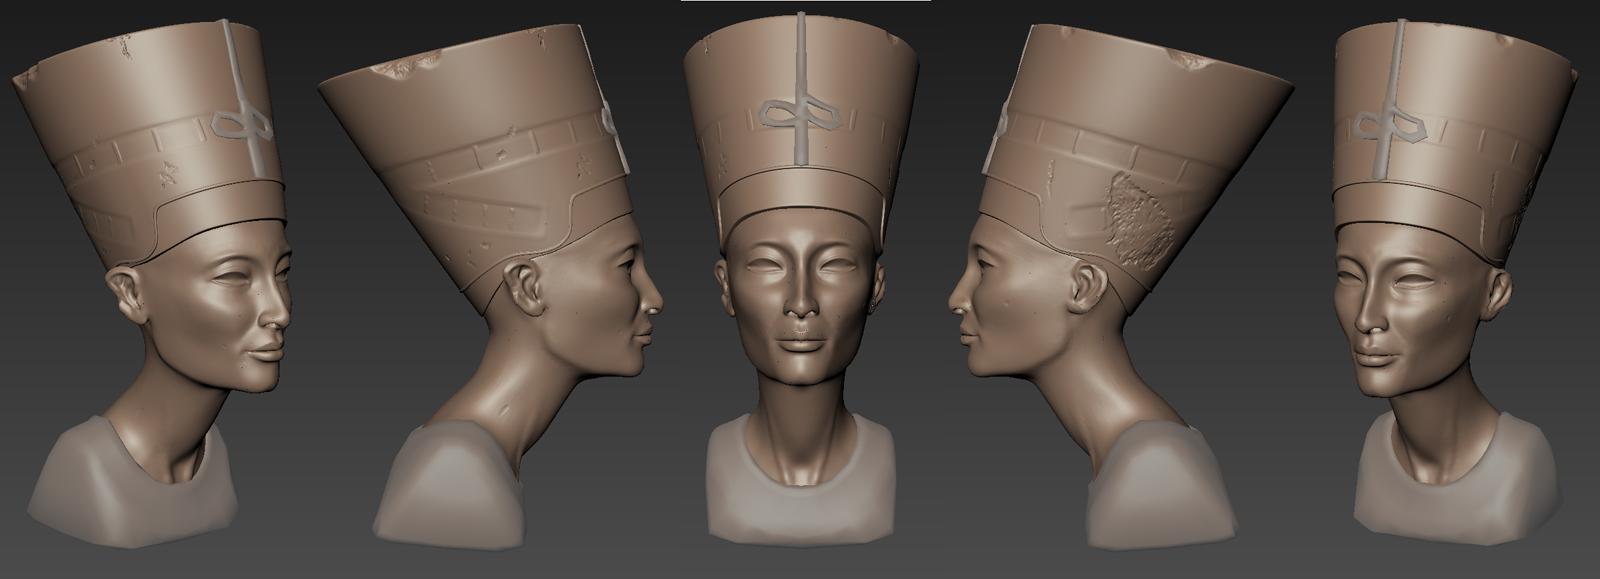 Nefertiti 12.jpg